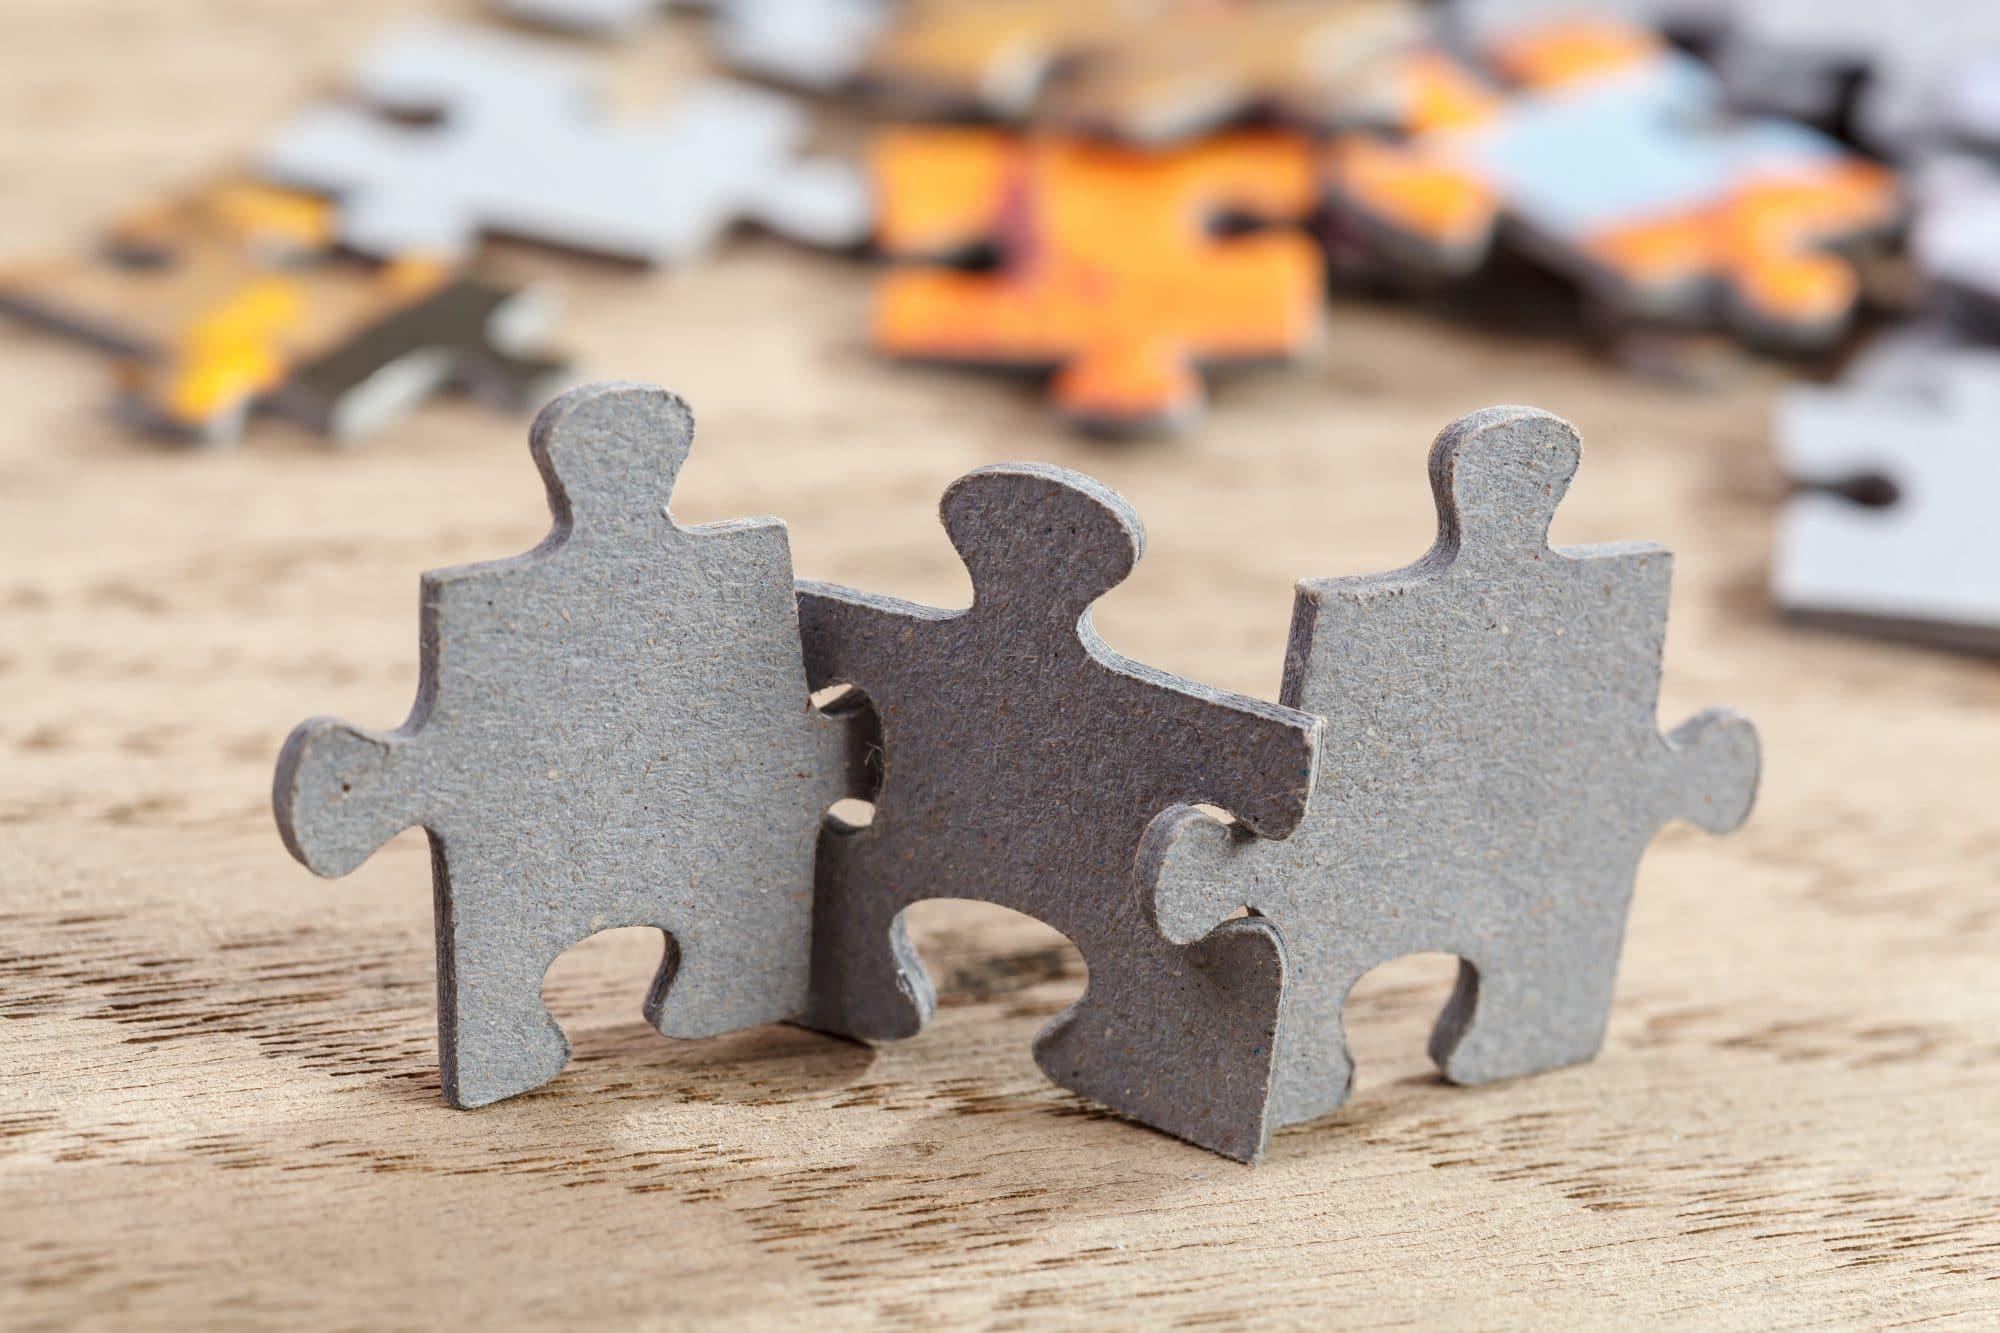 Pièces de puzzle qui représentent l'esprit d'équipe